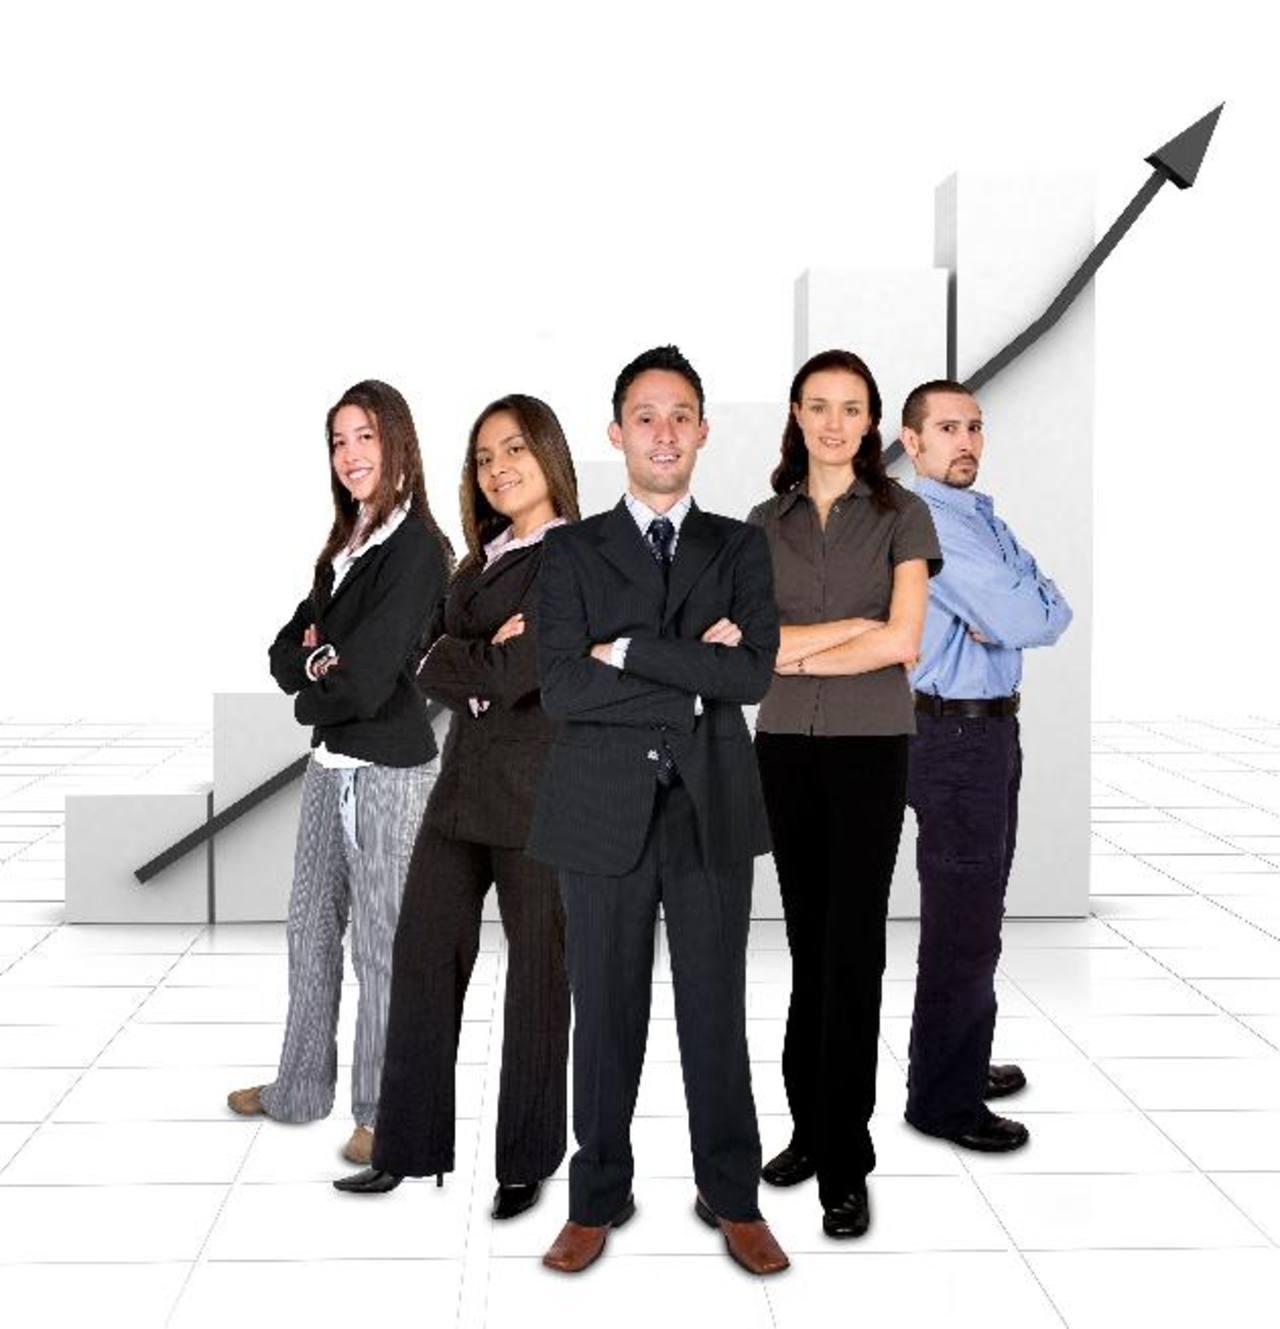 El mercado laboral sigue siendo pequeño para atender la cantidad de nuevos profesionales. foto edh / Archivo